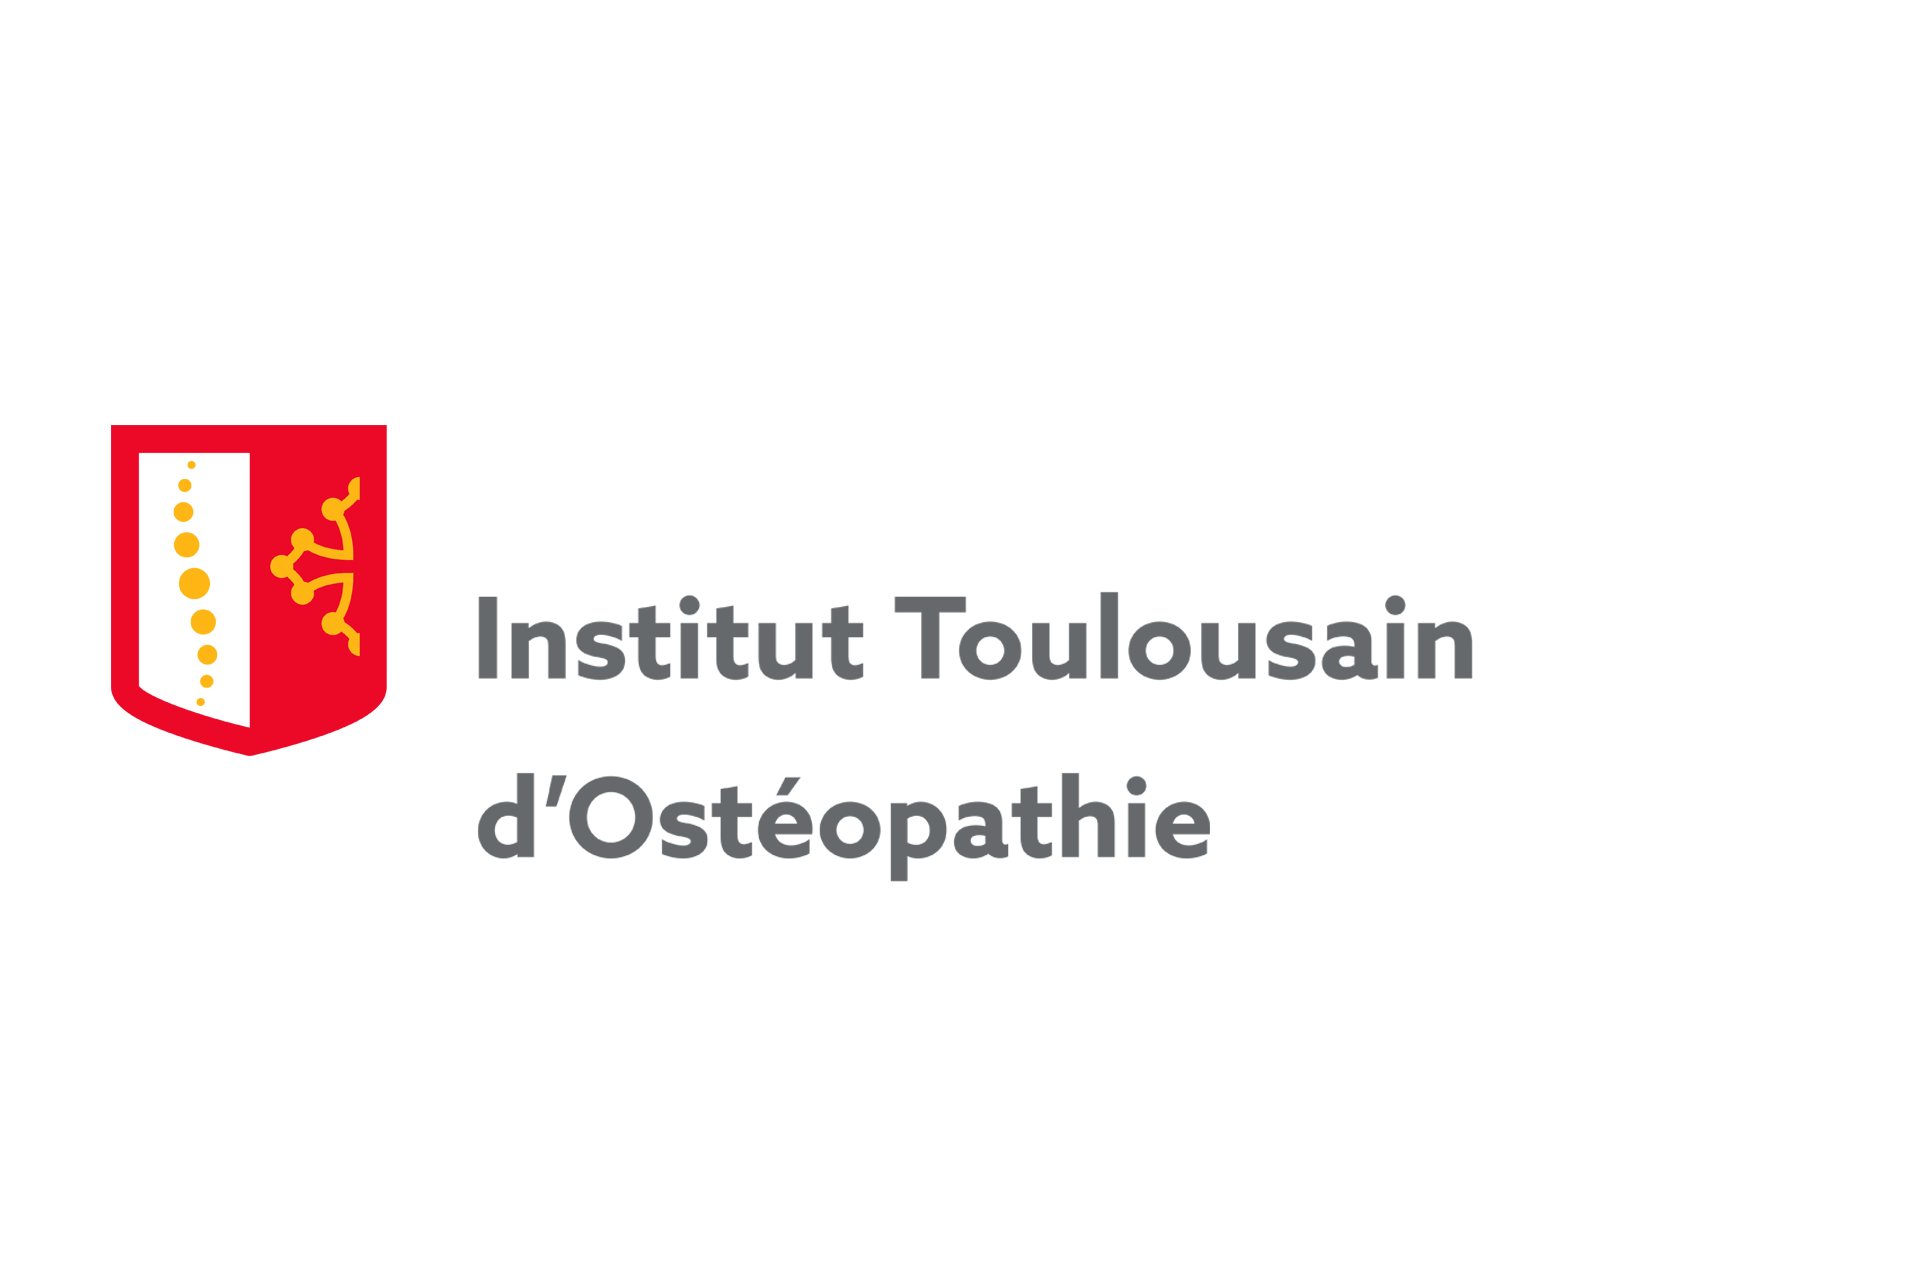 logo-ito-toulouse-osteopathie